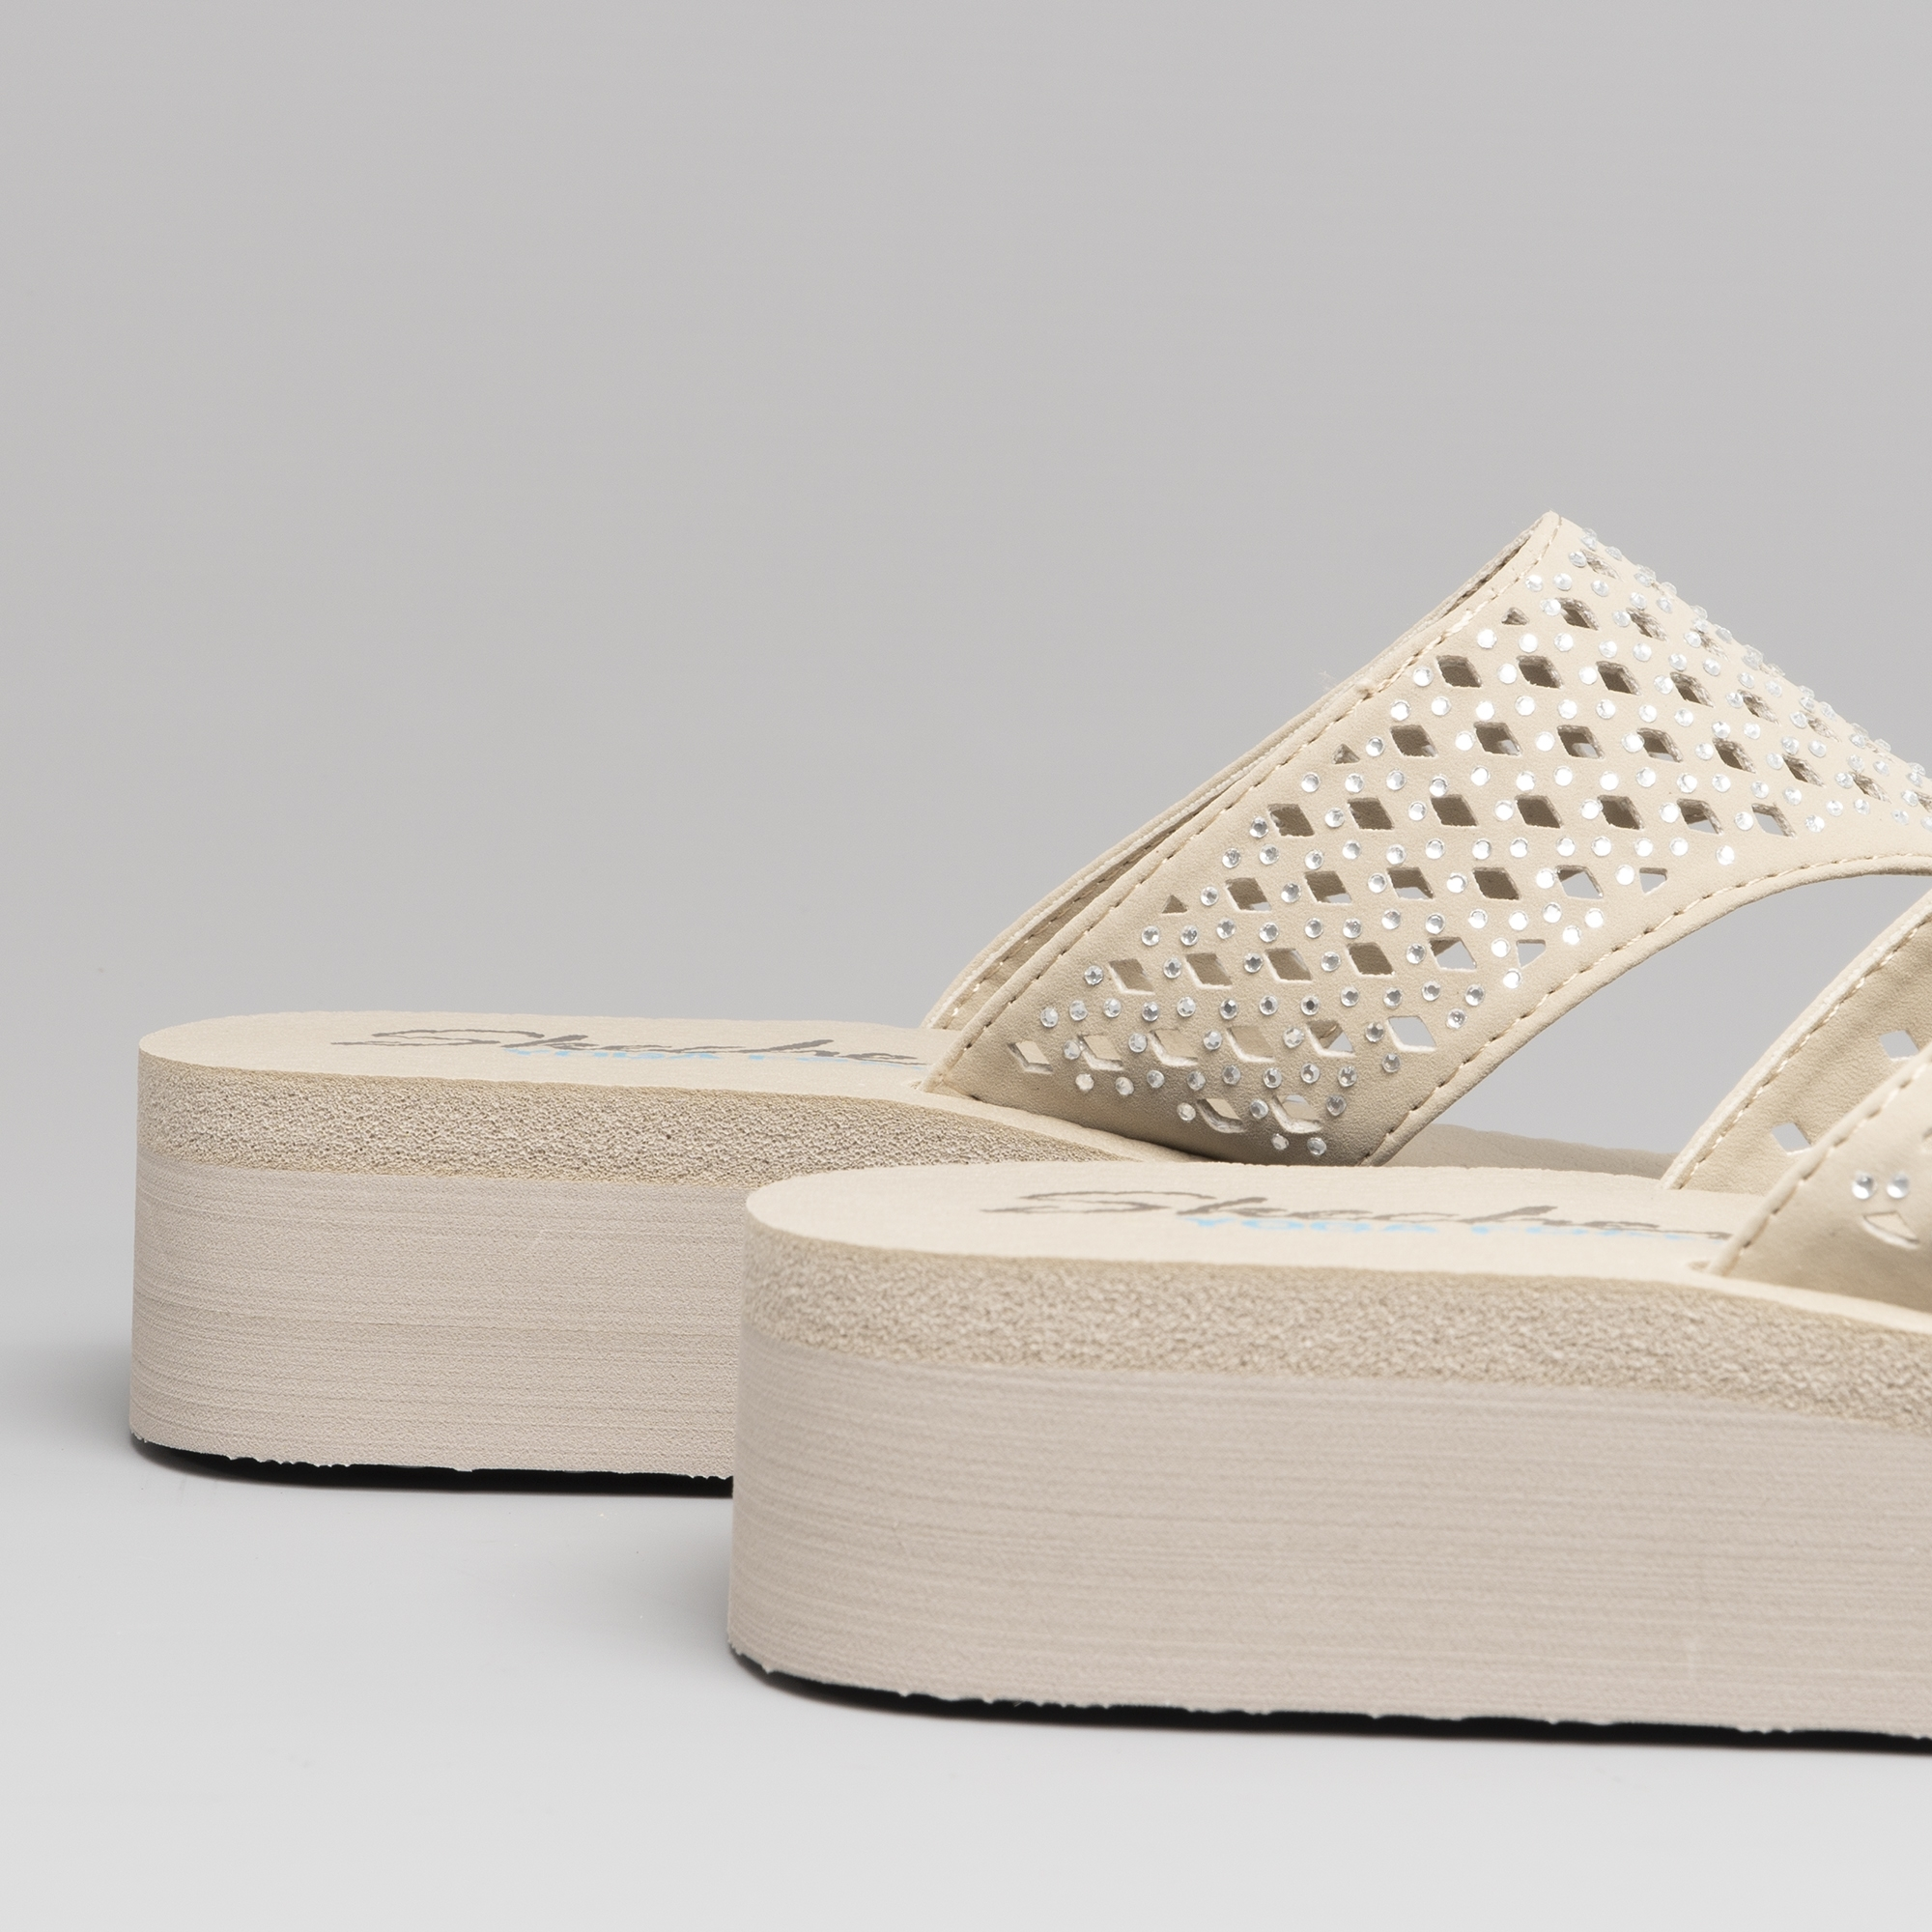 Skechers-38648-VINYASA-FLOW-Ladies-Womens-Wedge-Beach-Thong-Toe-Post-Flip-Flops